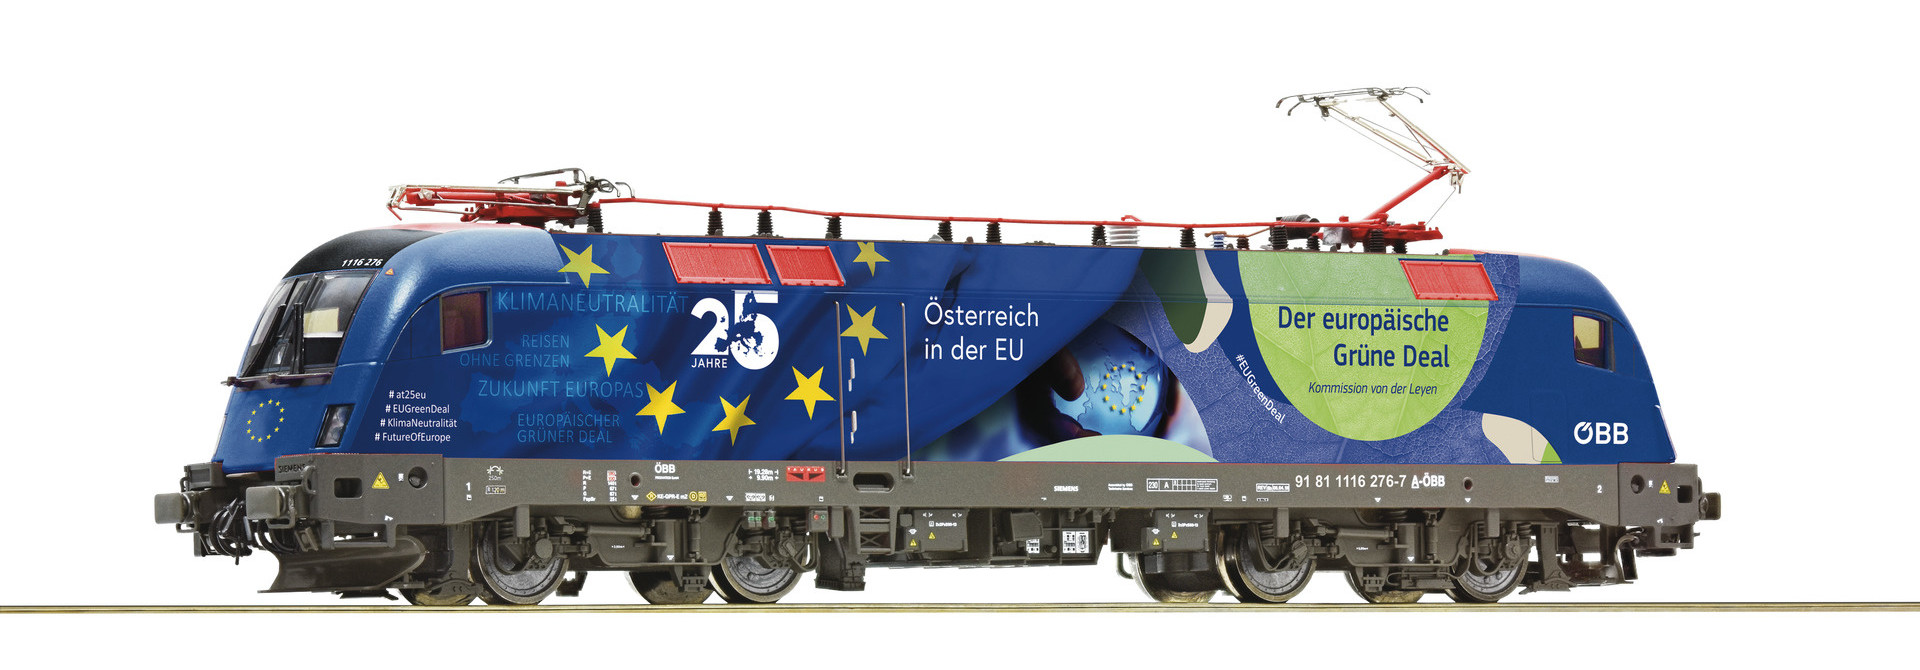 70502 E-Lok 1116 276 EU DC-Snd.